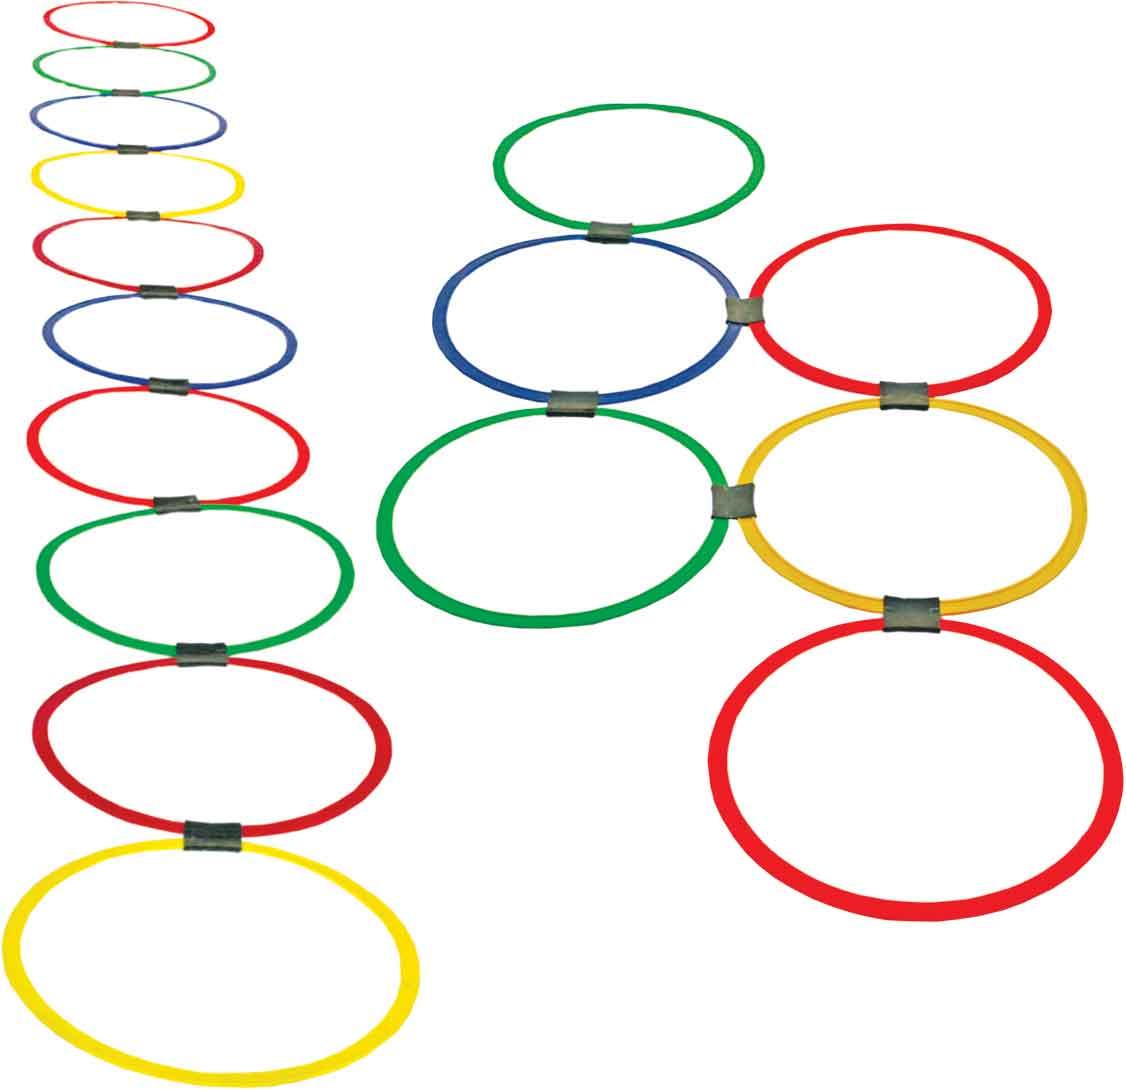 Koordinations-Reifen-Set